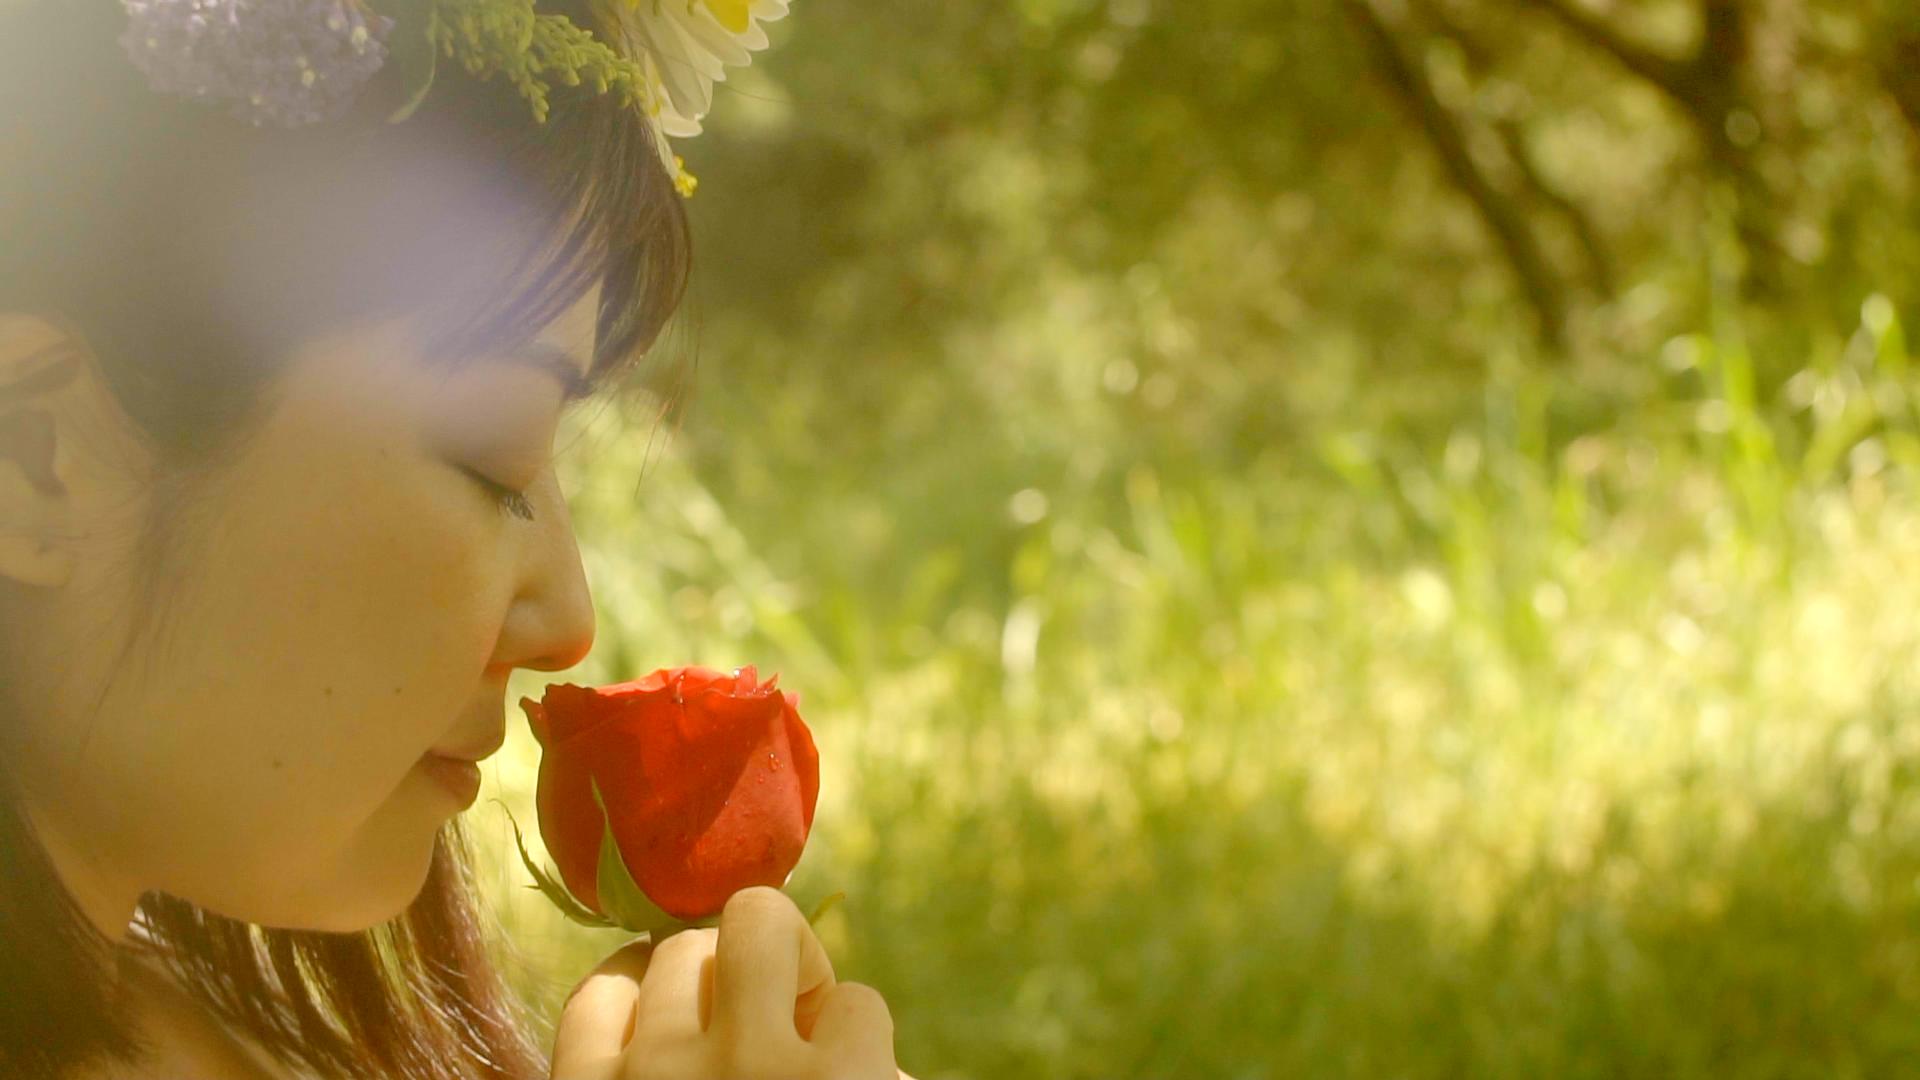 Rose Screenshot.png